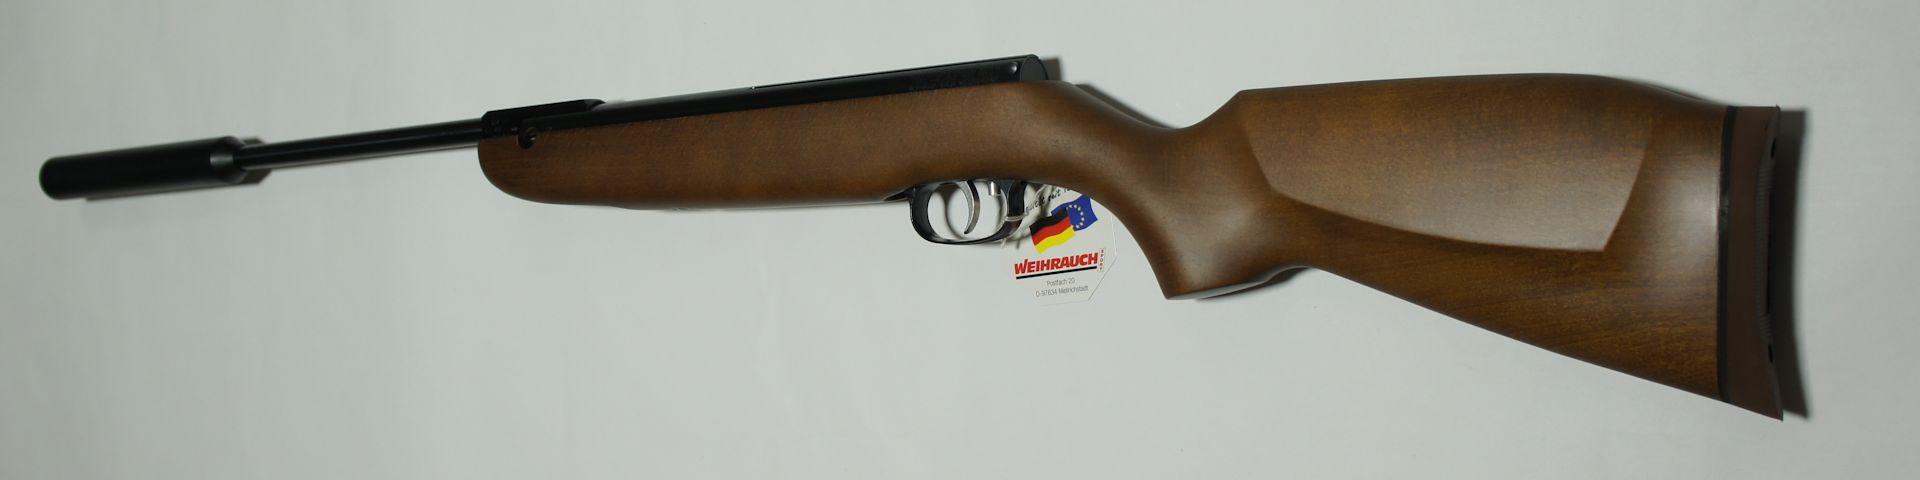 Weihrauch Luftgewehr HW 30S